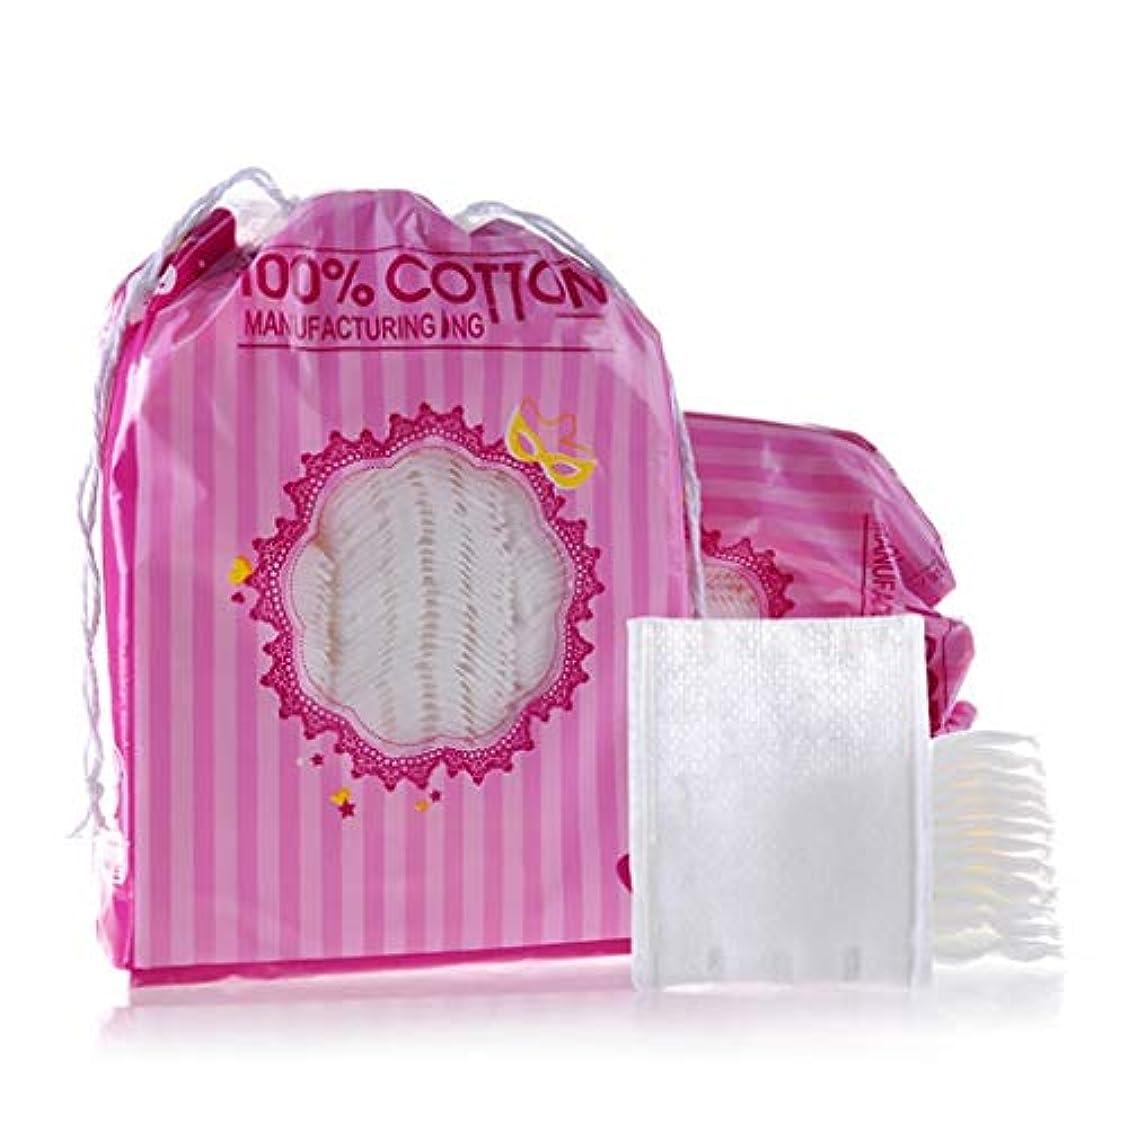 クレンジングシート 200ピースコットンメイクアップリムーバーパッドソフトオーガニックネイルポリッシュワイプ両面フェイスクレンジング美容化粧品パッド (Color : White)